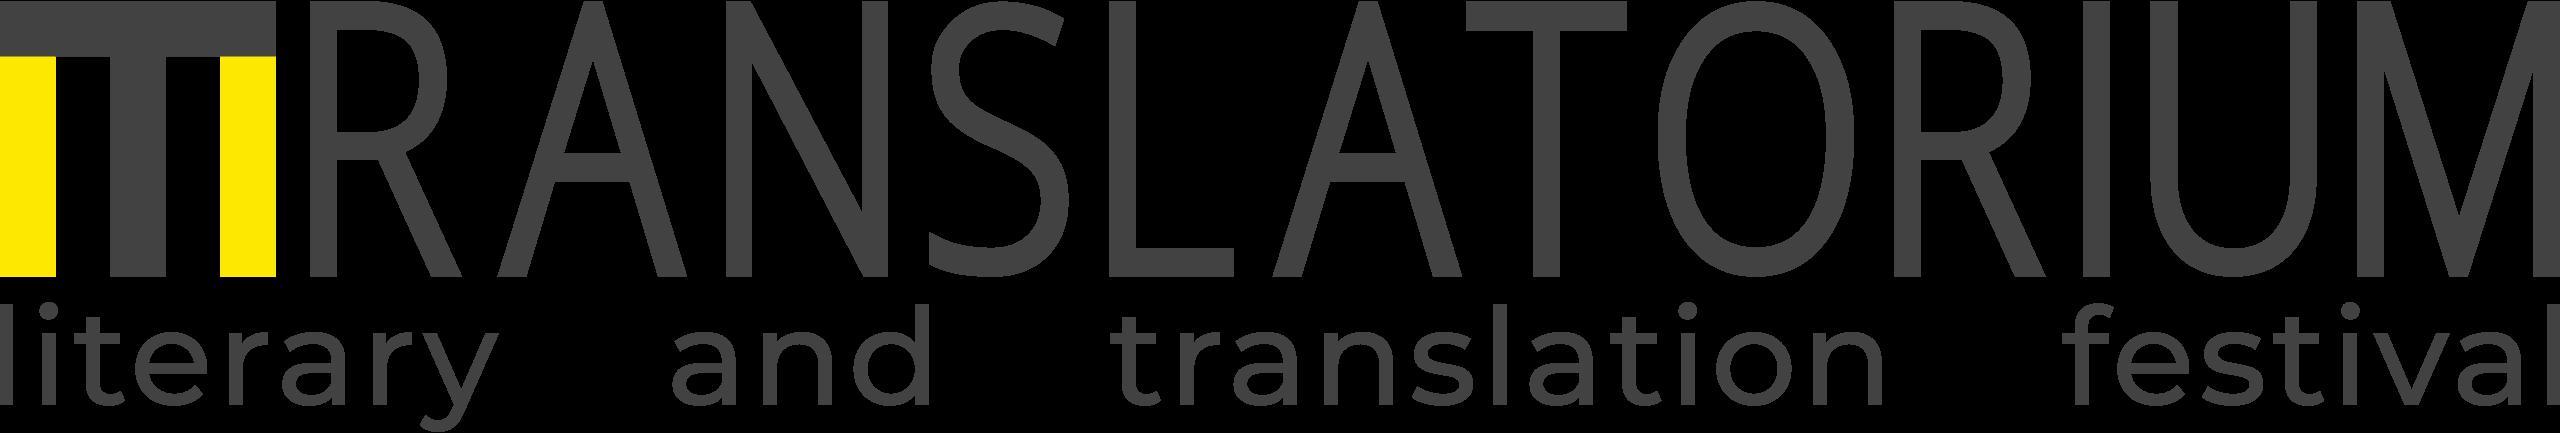 Translatorium Logo